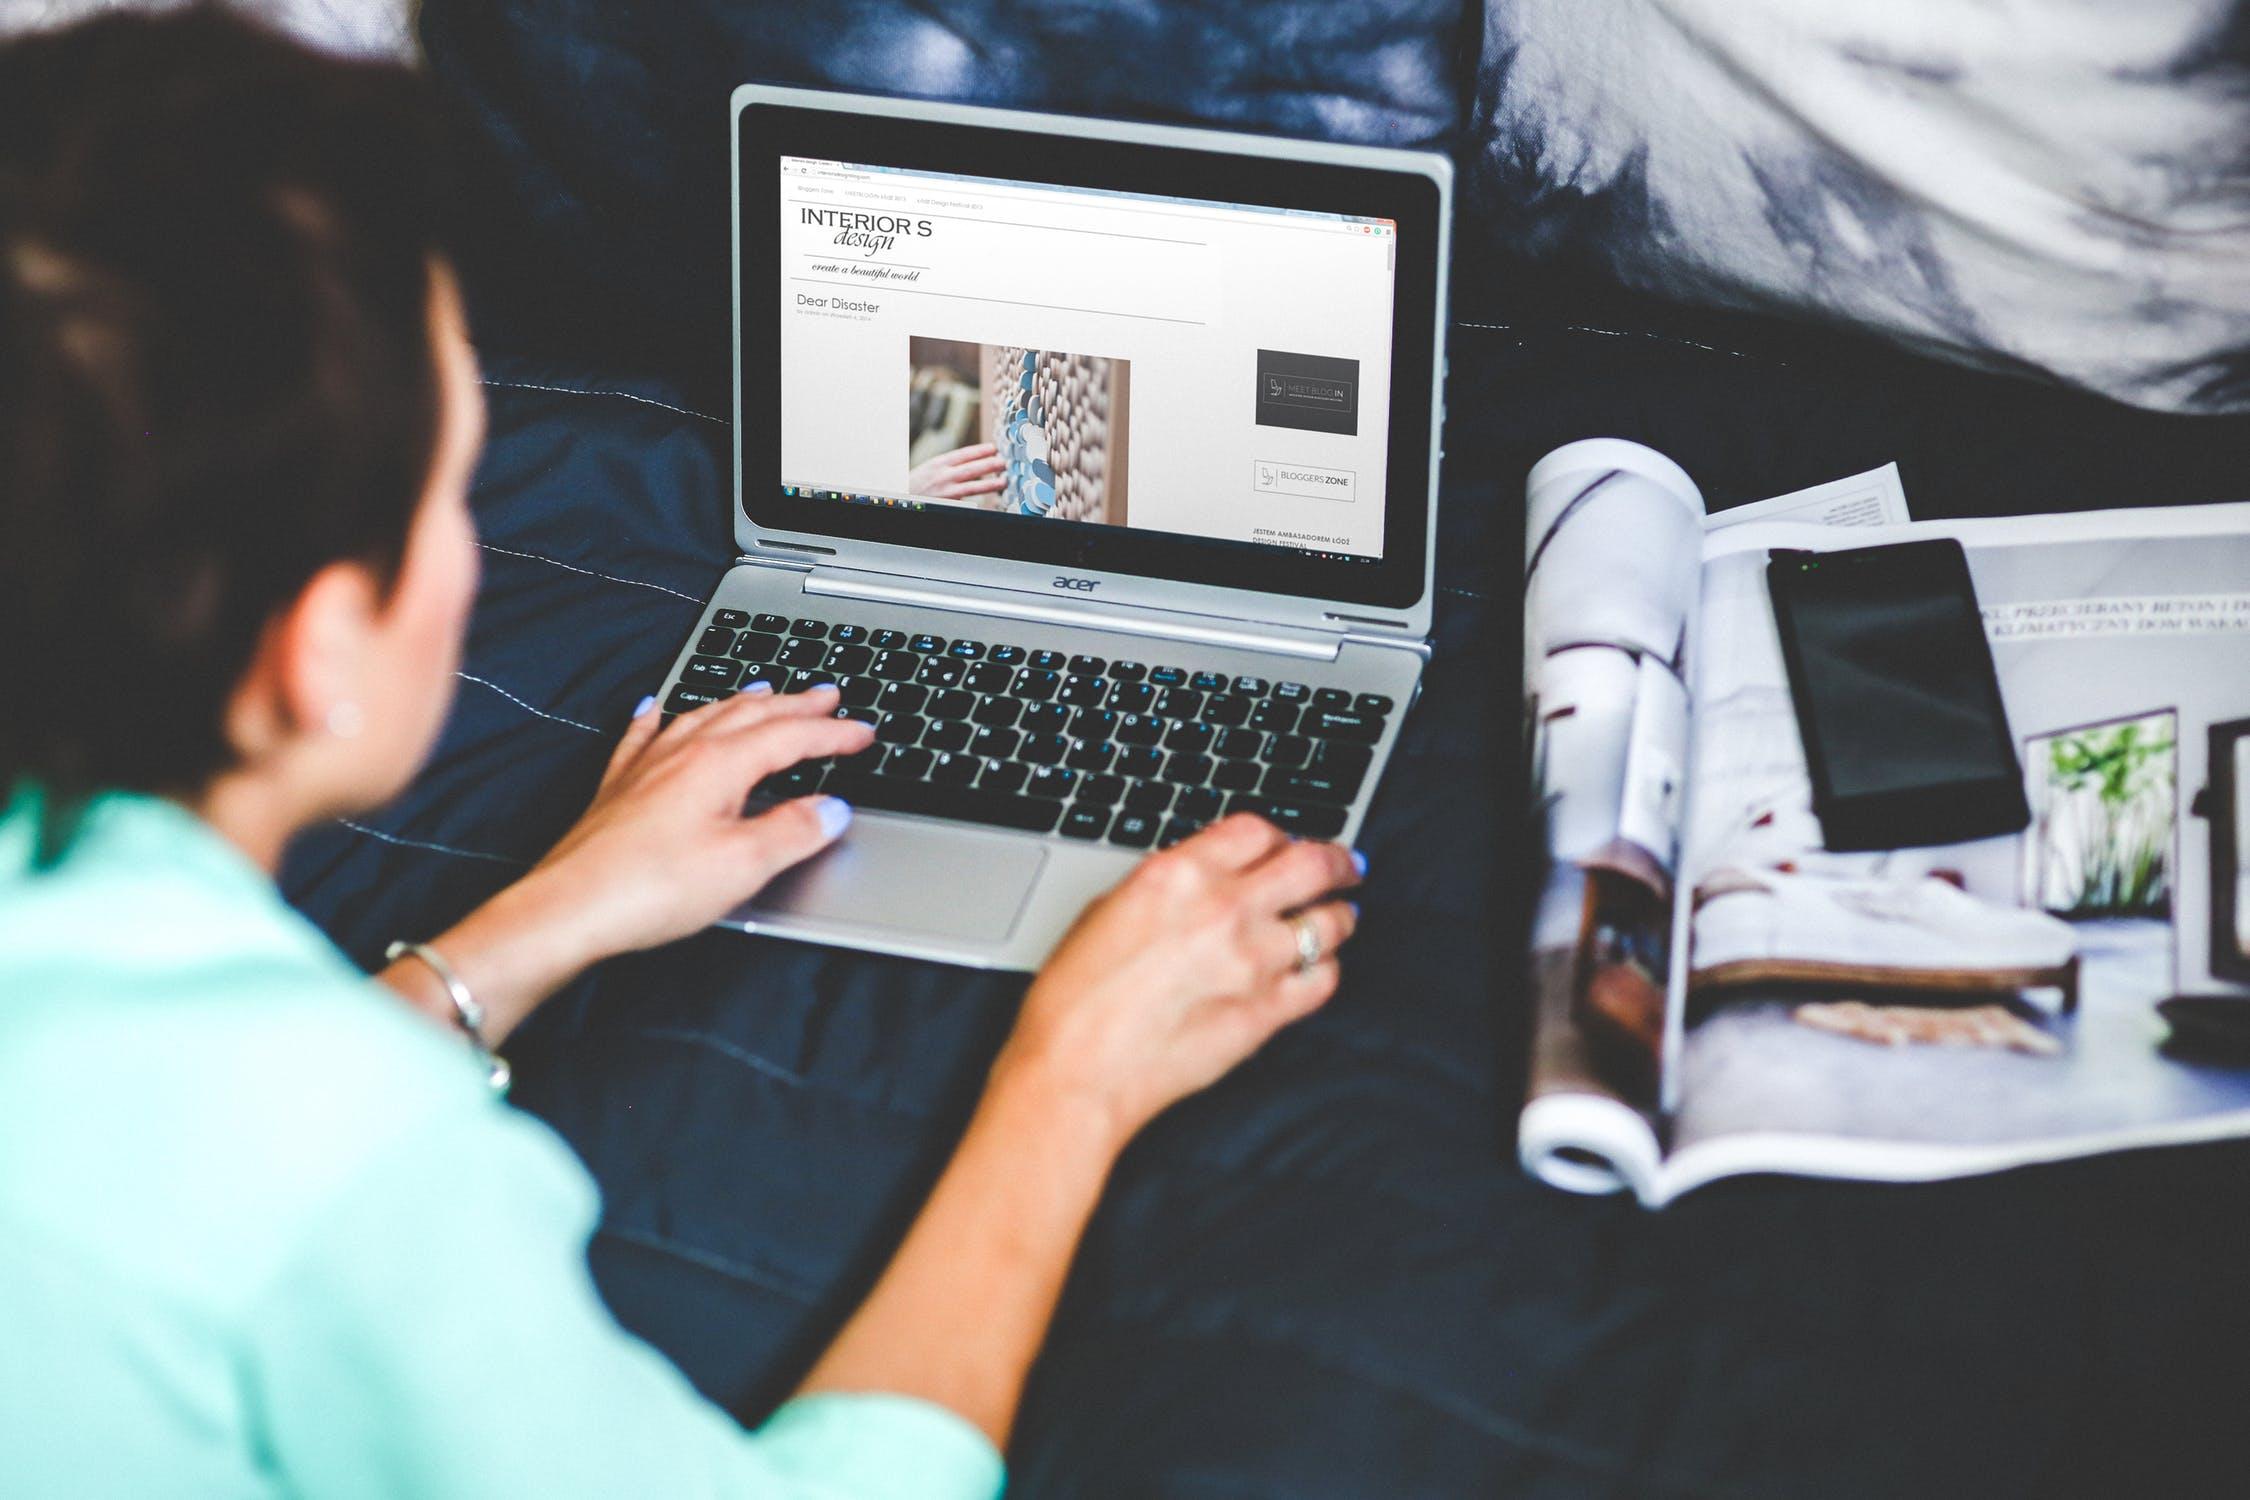 Kā nopelnīt 1000 dolārus mēnesī tiešsaistē, 16. dizains